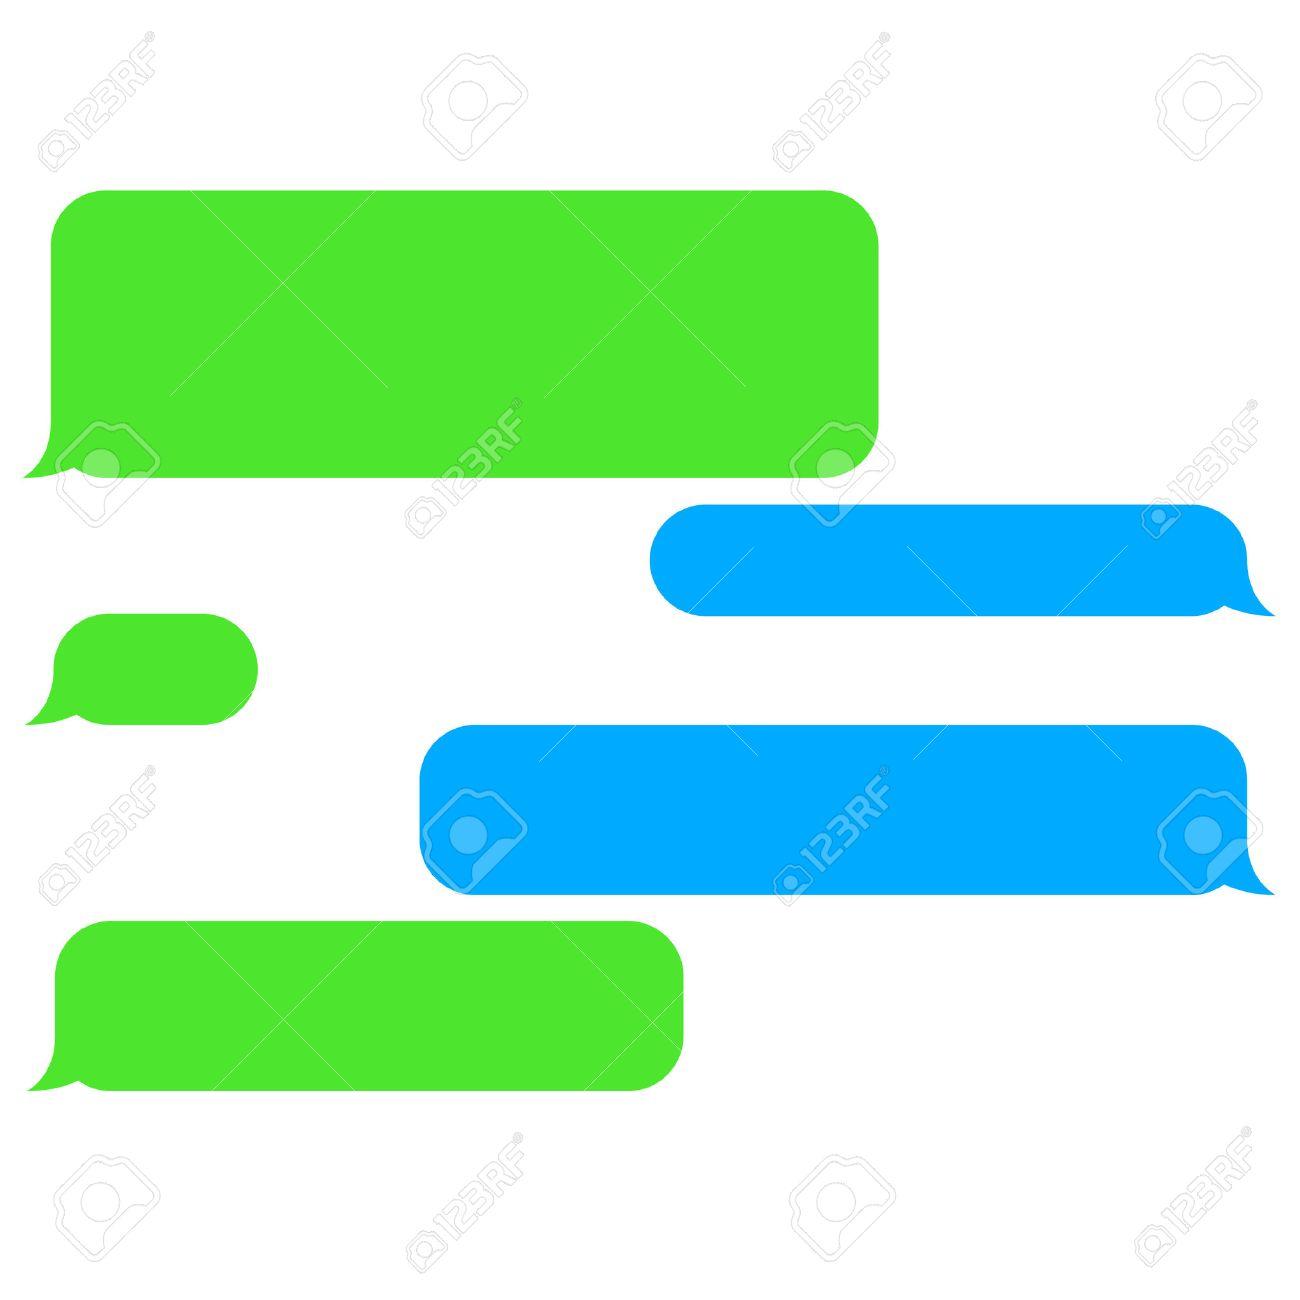 Text message conversation bubble clipart clip Texting clipart bubble - 100 transparent clip arts, images ... clip